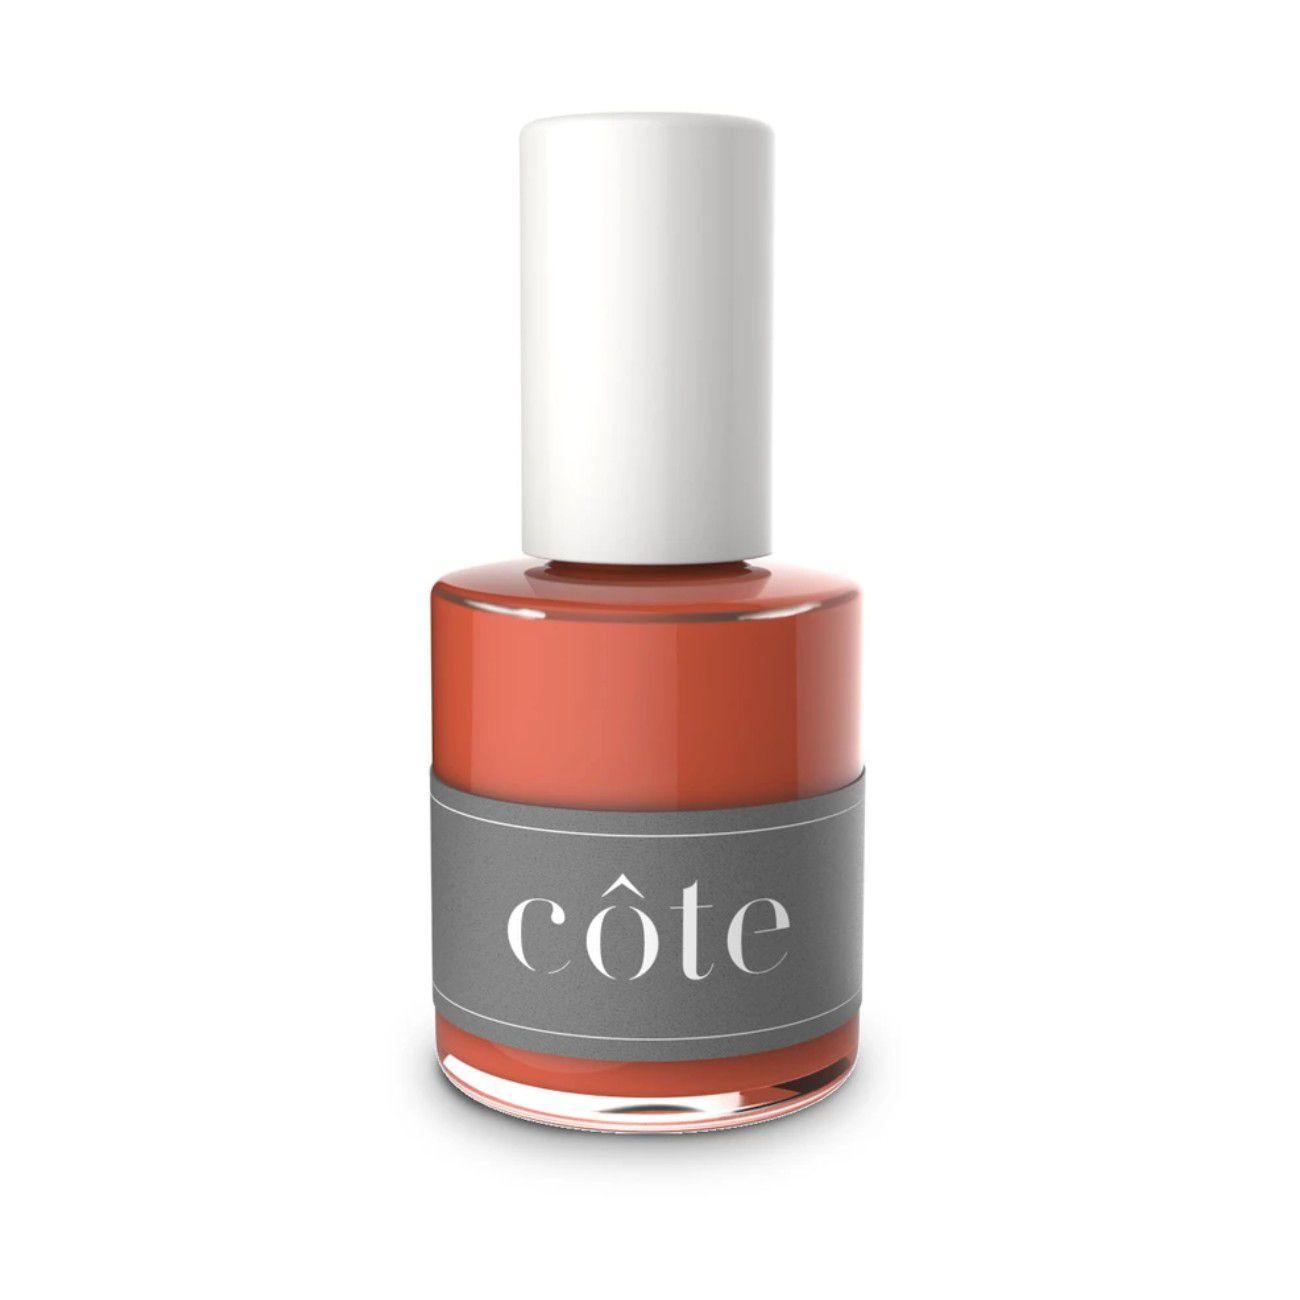 Bottle of burnt orange nail polish on a white background.